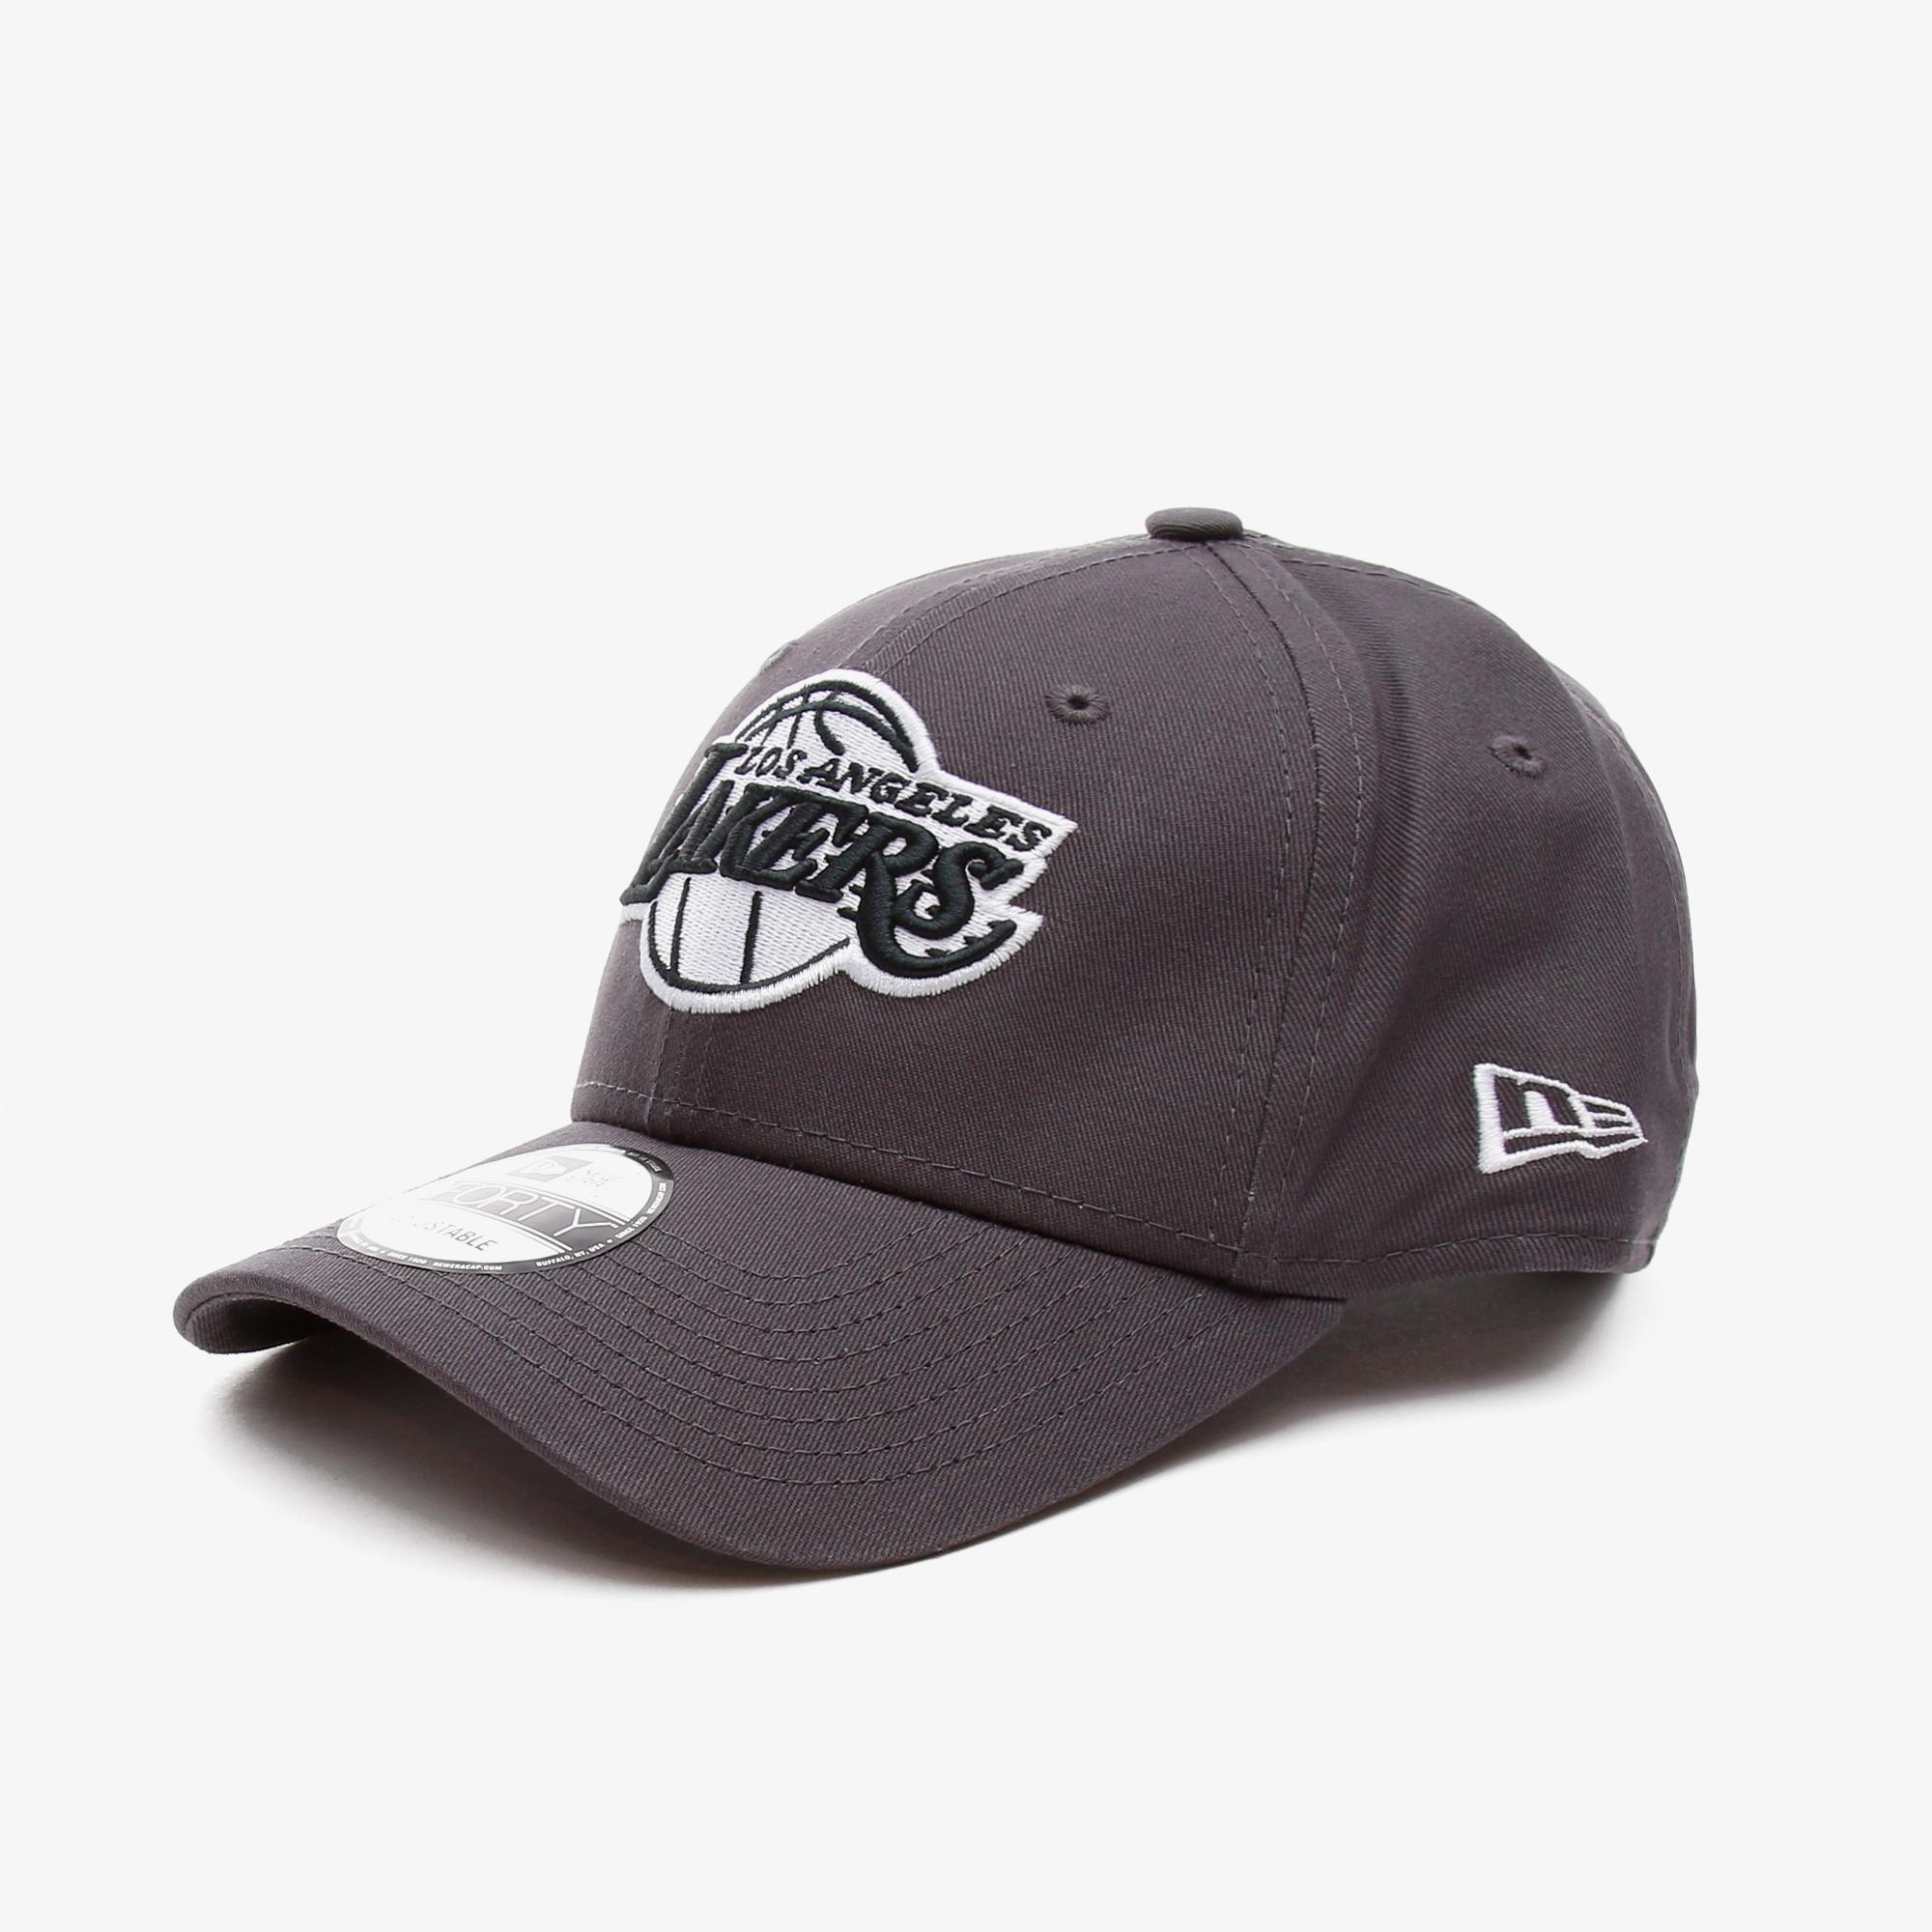 New Era Los Angeles Lakers Gri Unisex Şapka